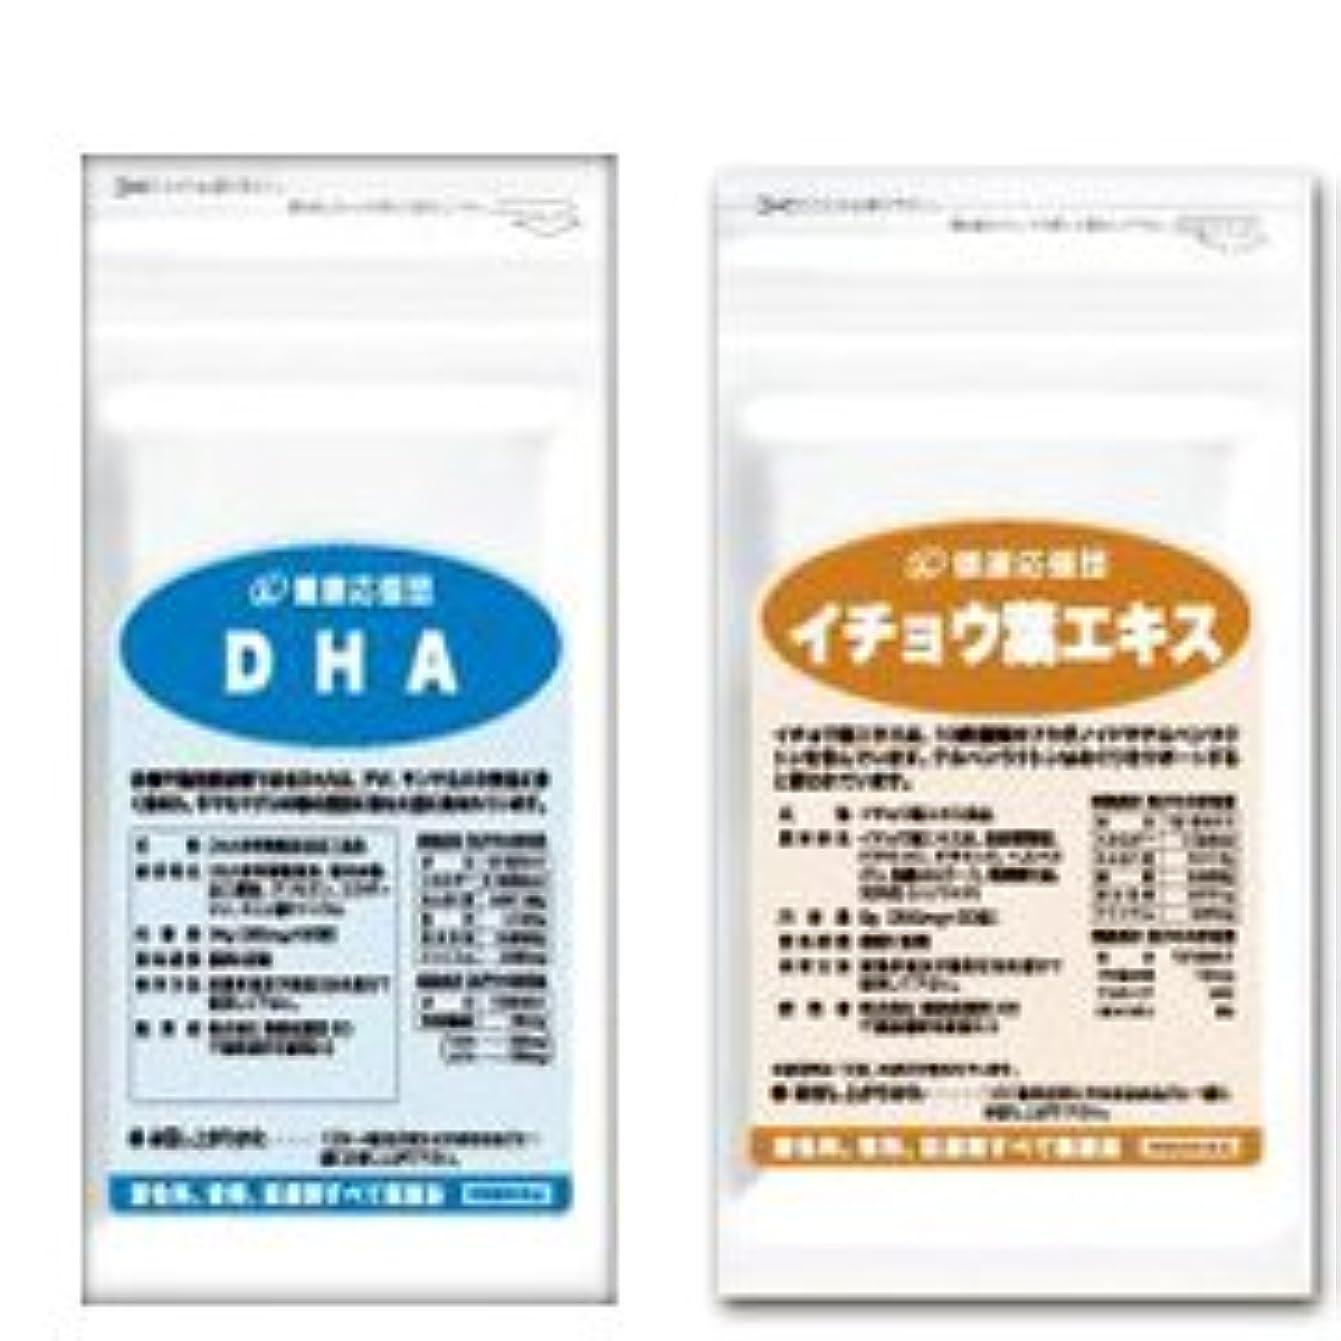 軽食廃棄主張(お徳用6か月分)サラサラ巡りセット DHA + イチョウ葉エキス 6袋セット (DHA?EPA?イチョウ葉?ビタミンC?ビタミンE?ビタミンP配合)